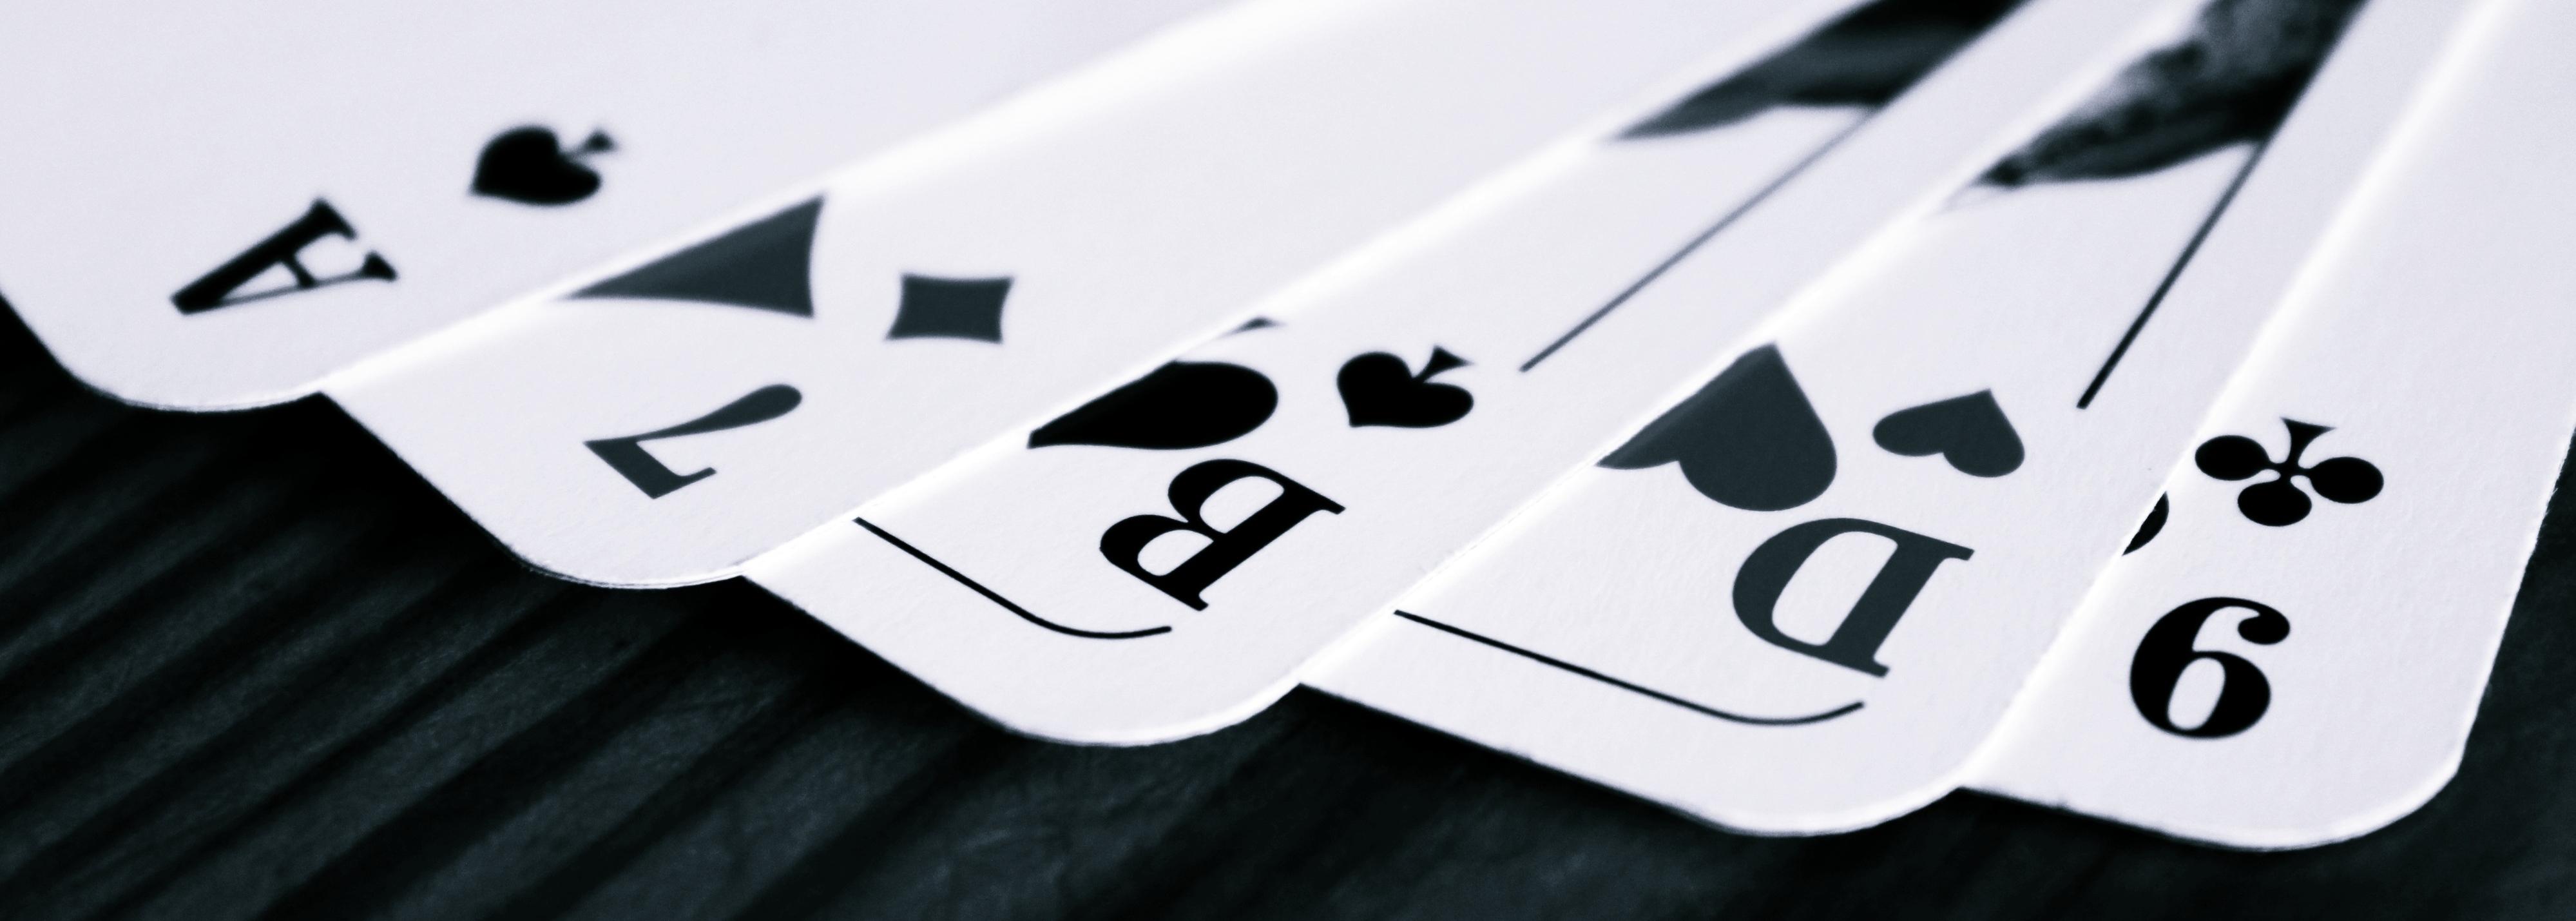 Spiele zum kennenlernen zu zweit